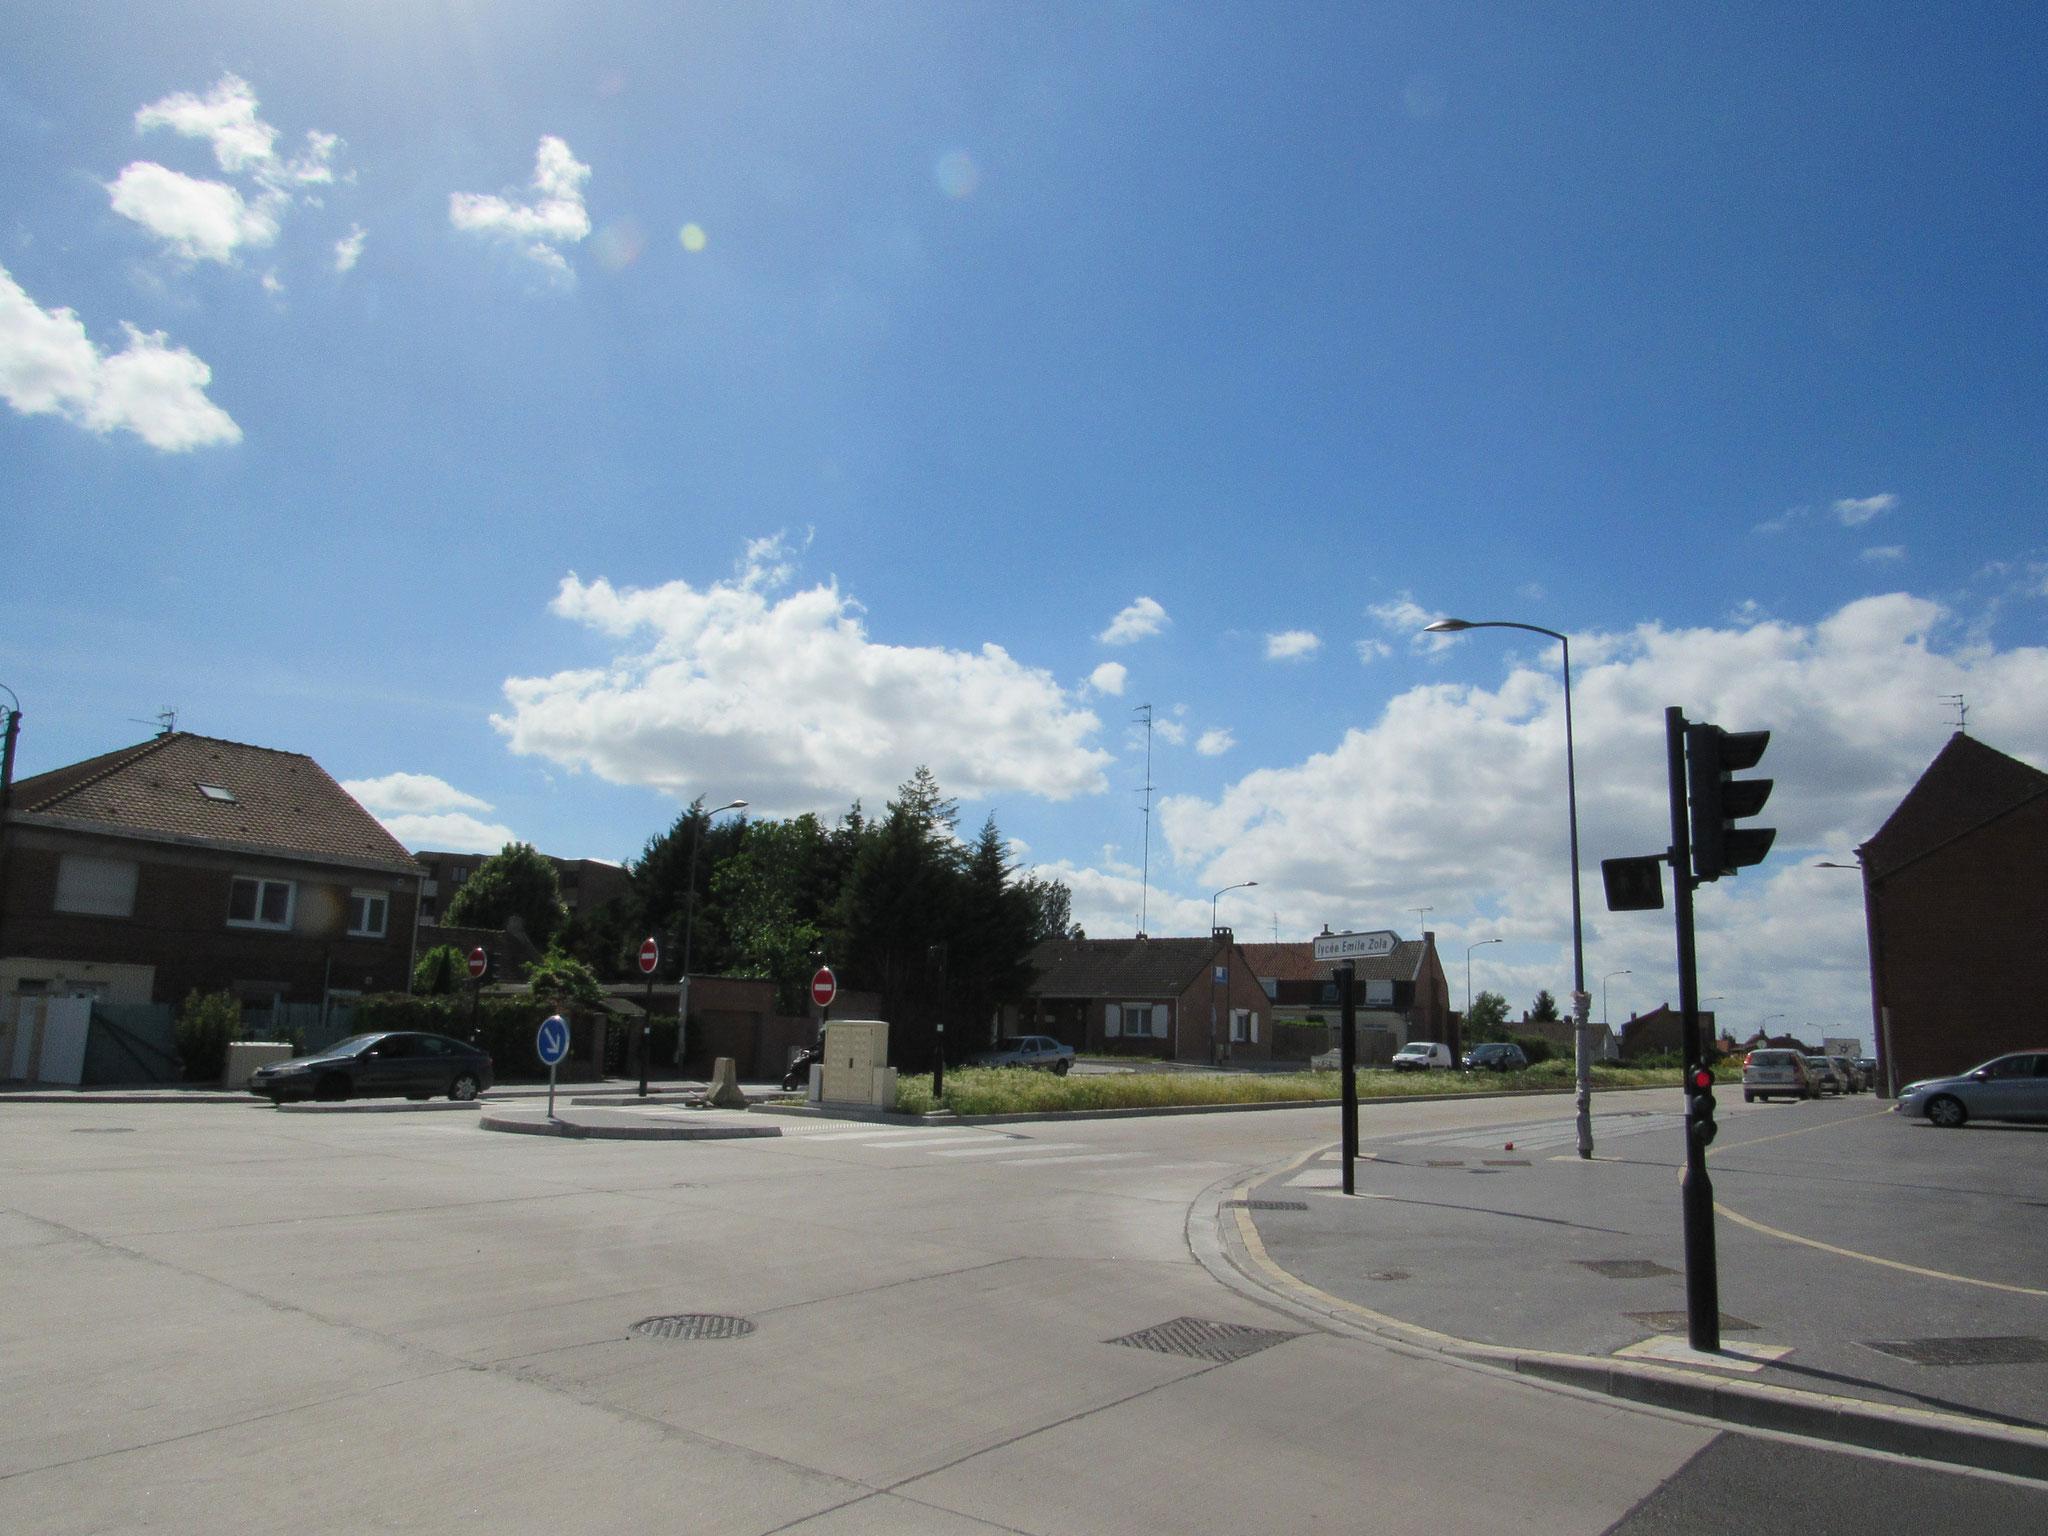 En venant du Quartier Beaulieu, la L3 tournera à droite pour s'engager rue Vallon.